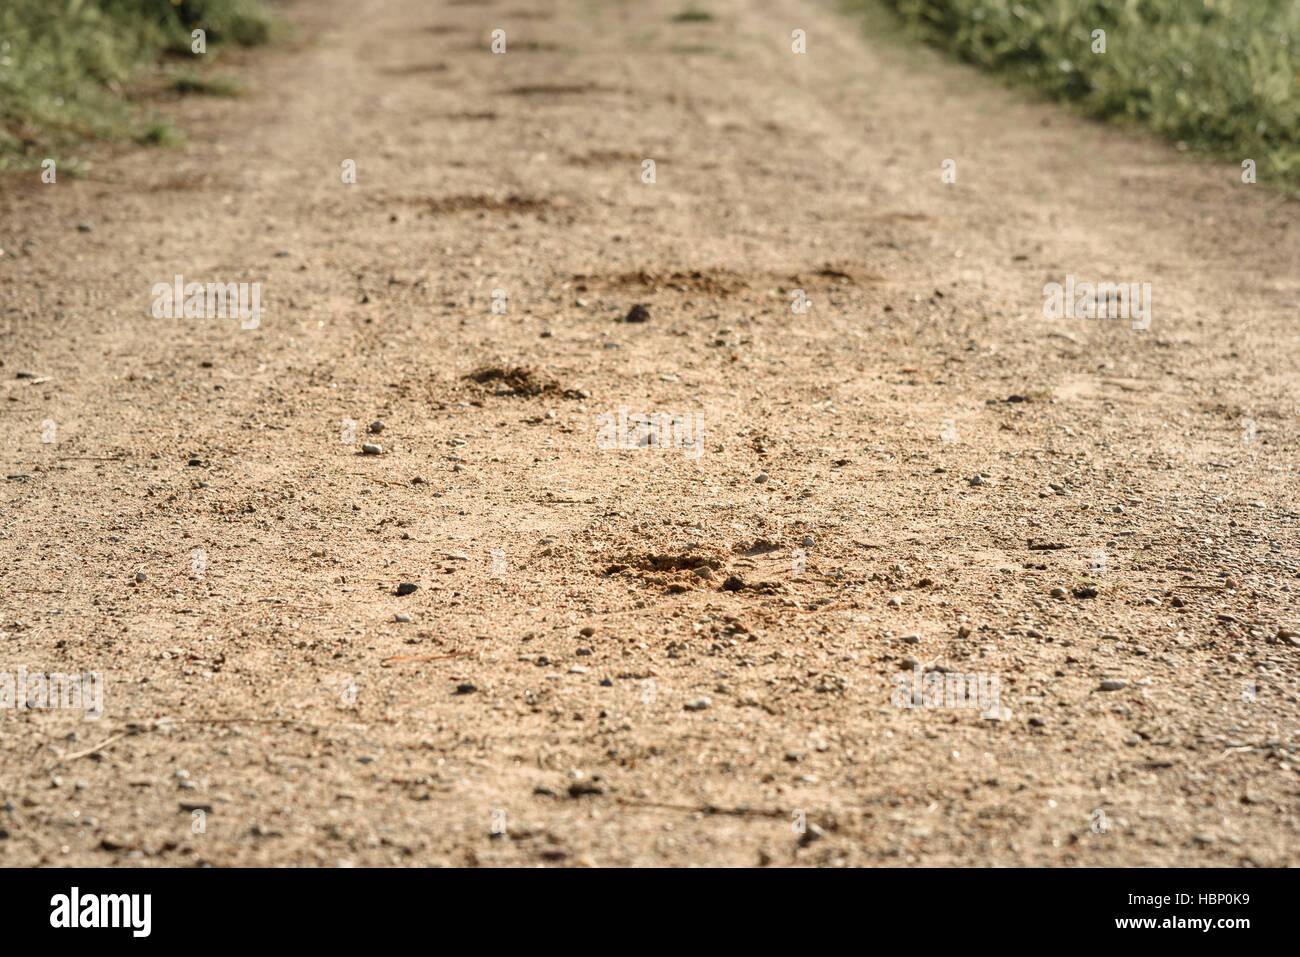 [Jeu] Suite d'images !  - Page 6 Trace-du-sabot-du-cheval-sur-la-route-de-sable-dans-les-bois-hbp0k9